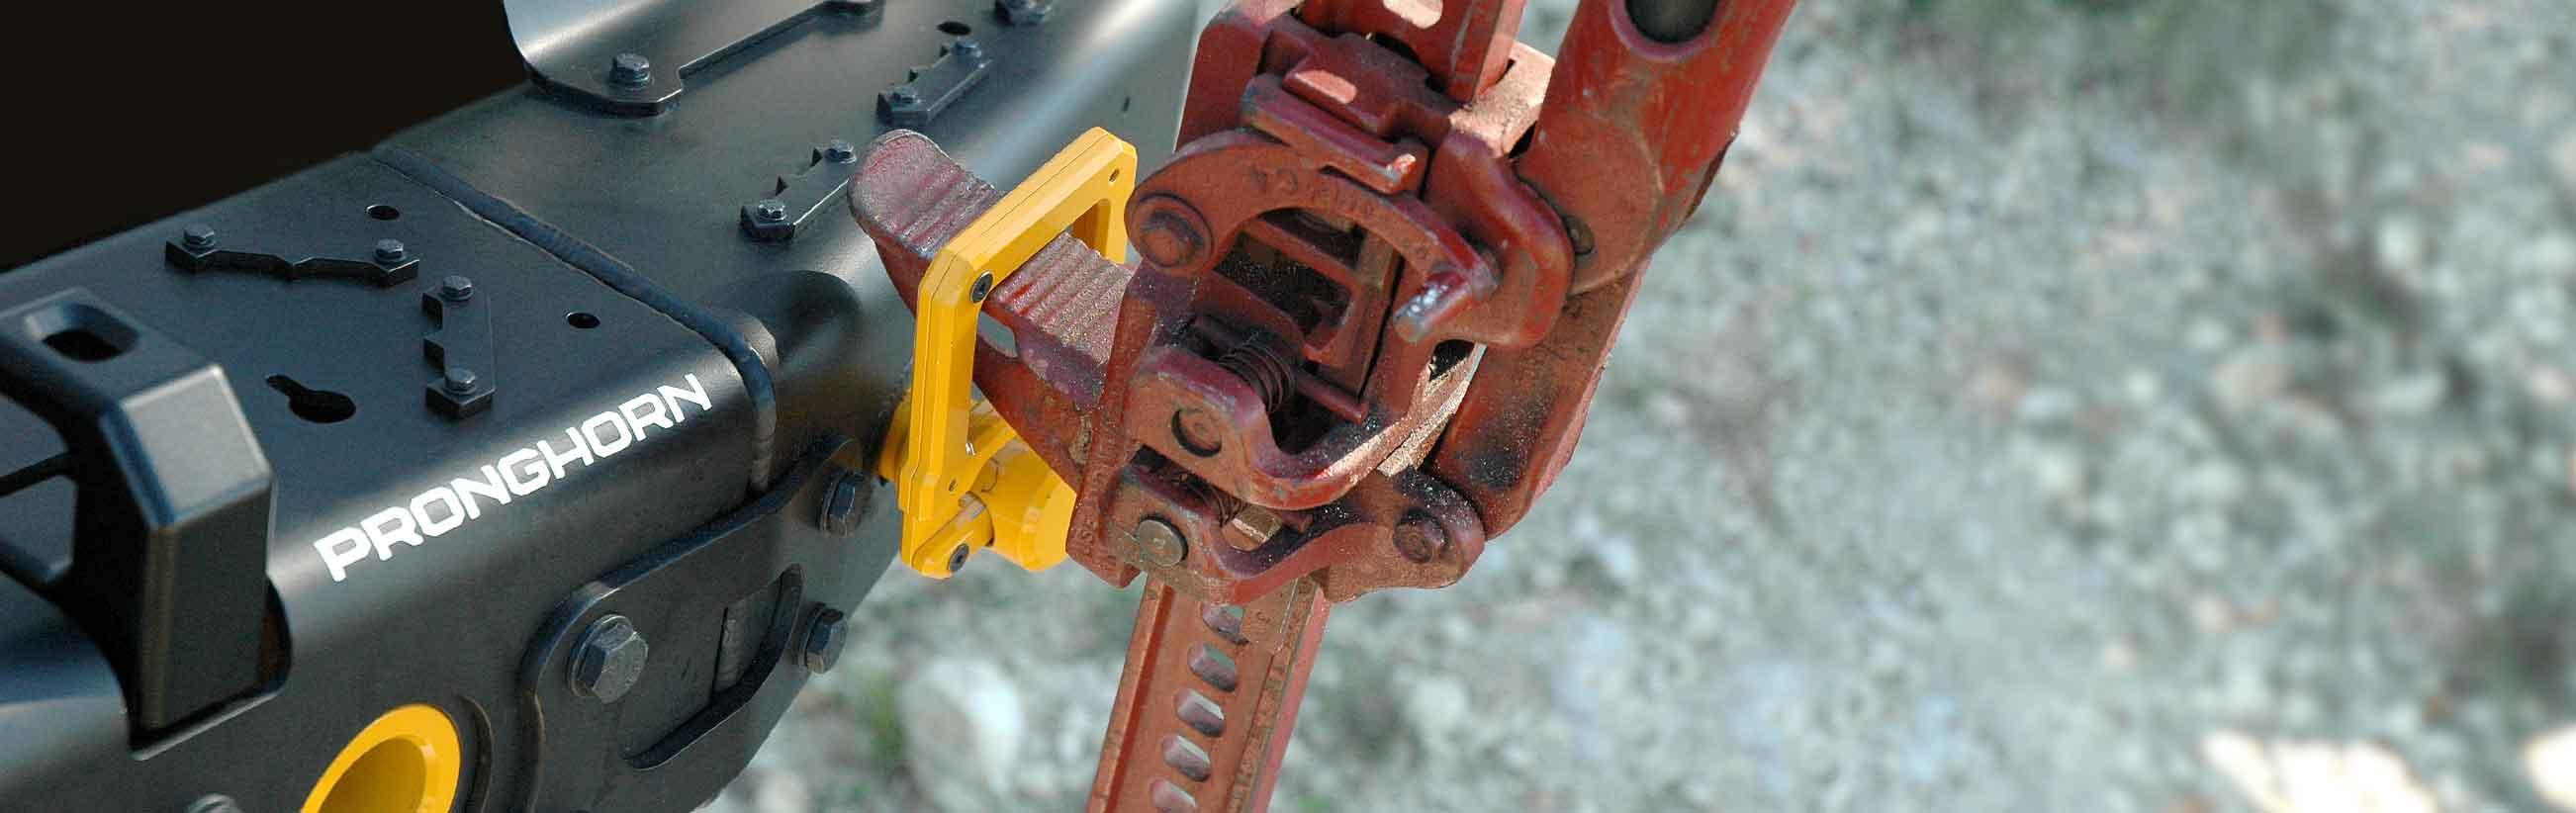 Pronghorn Hi-Lift Shackle